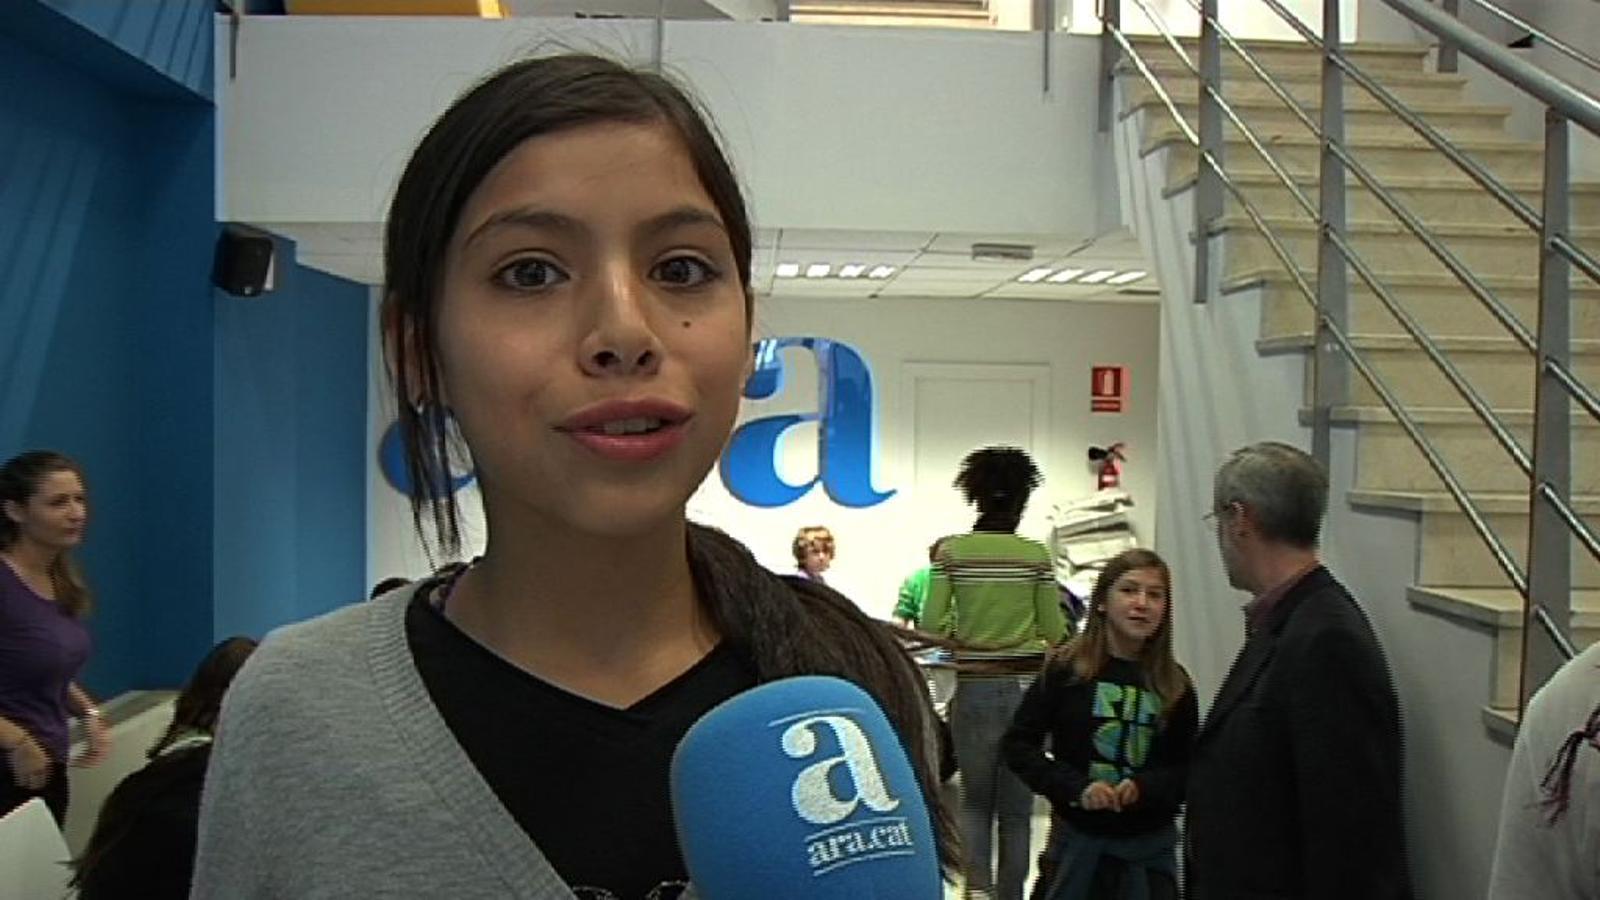 En la visita de l'Escola Joan Miró a l'ARA, Quim: He descobert que un diari no és tan fàcil de fer